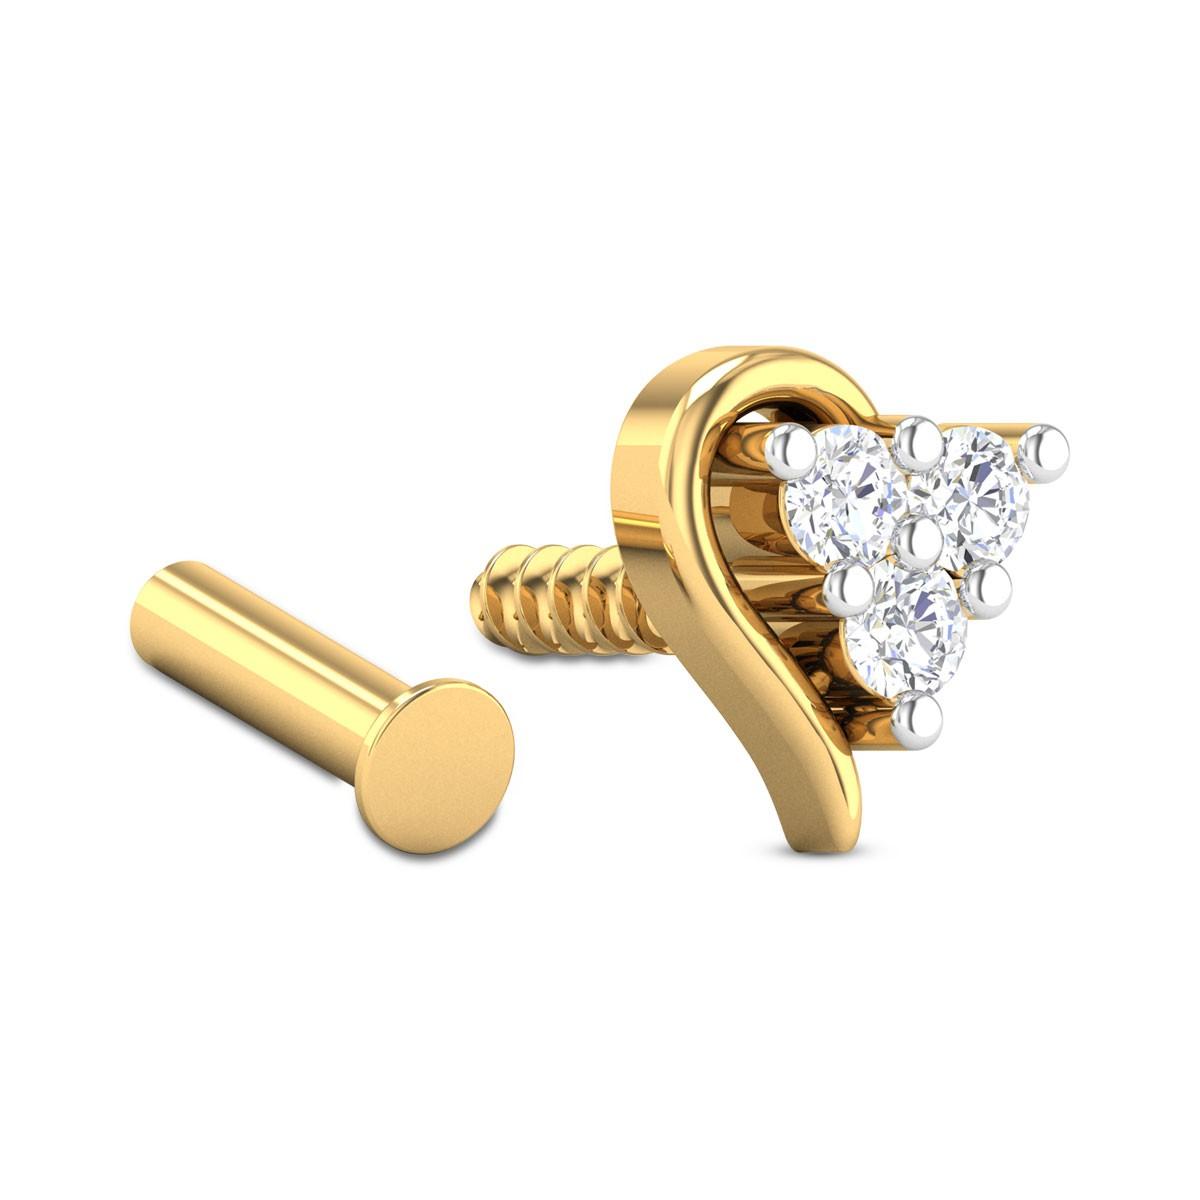 Atarah Three Stone Diamond Nosepin